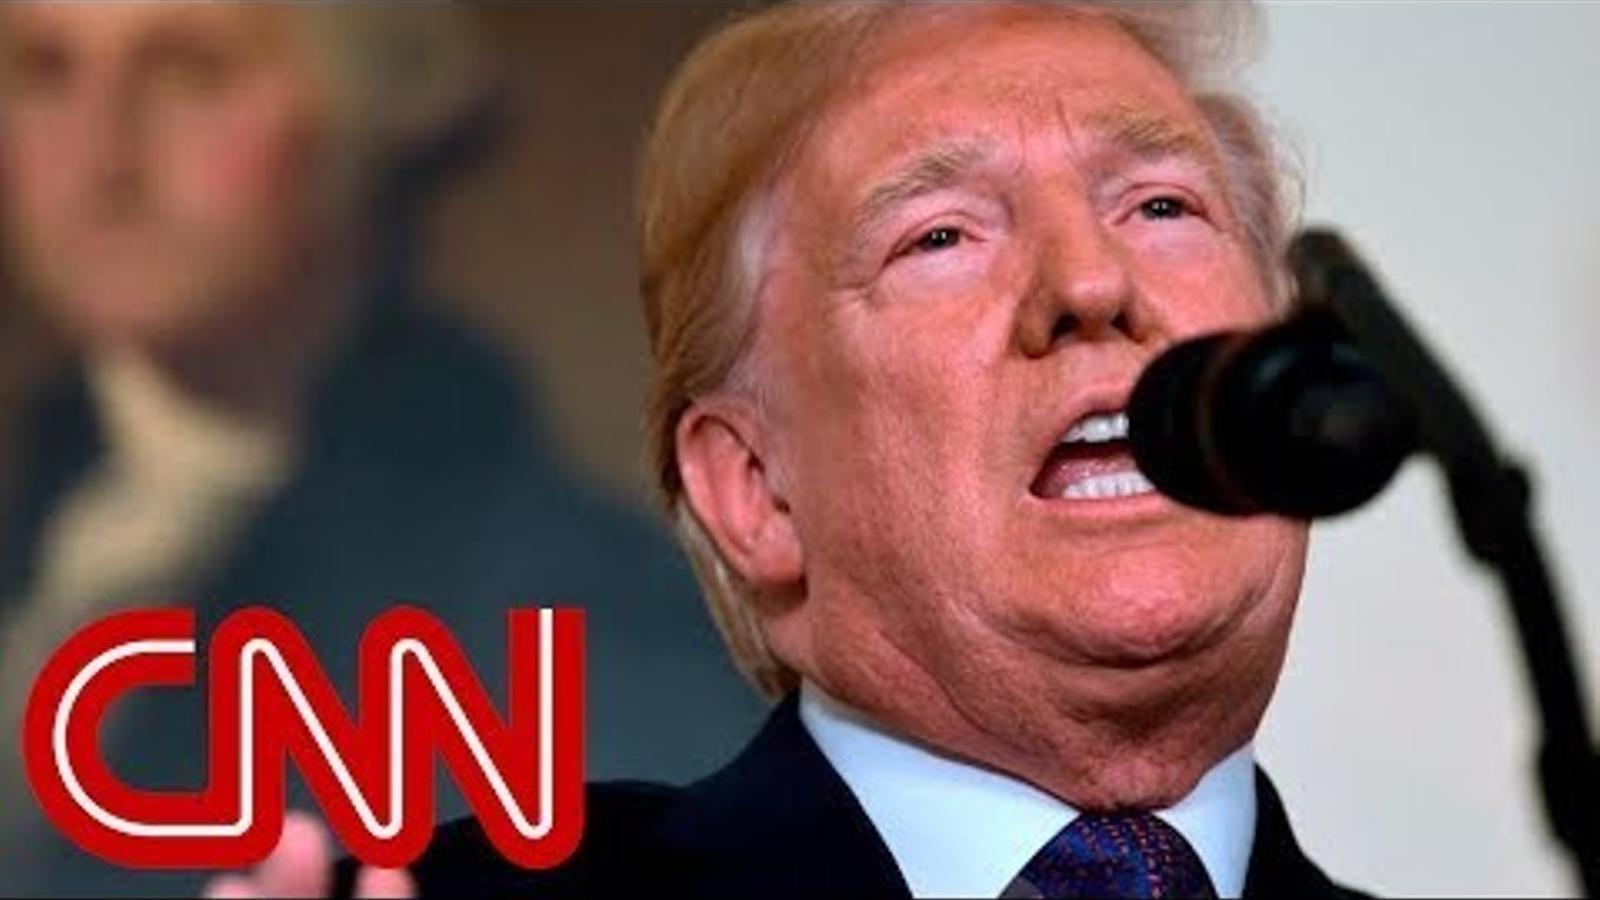 Missatge televisat de Donald Trump anunciant l'atac contra instal·lacions militars a Síria